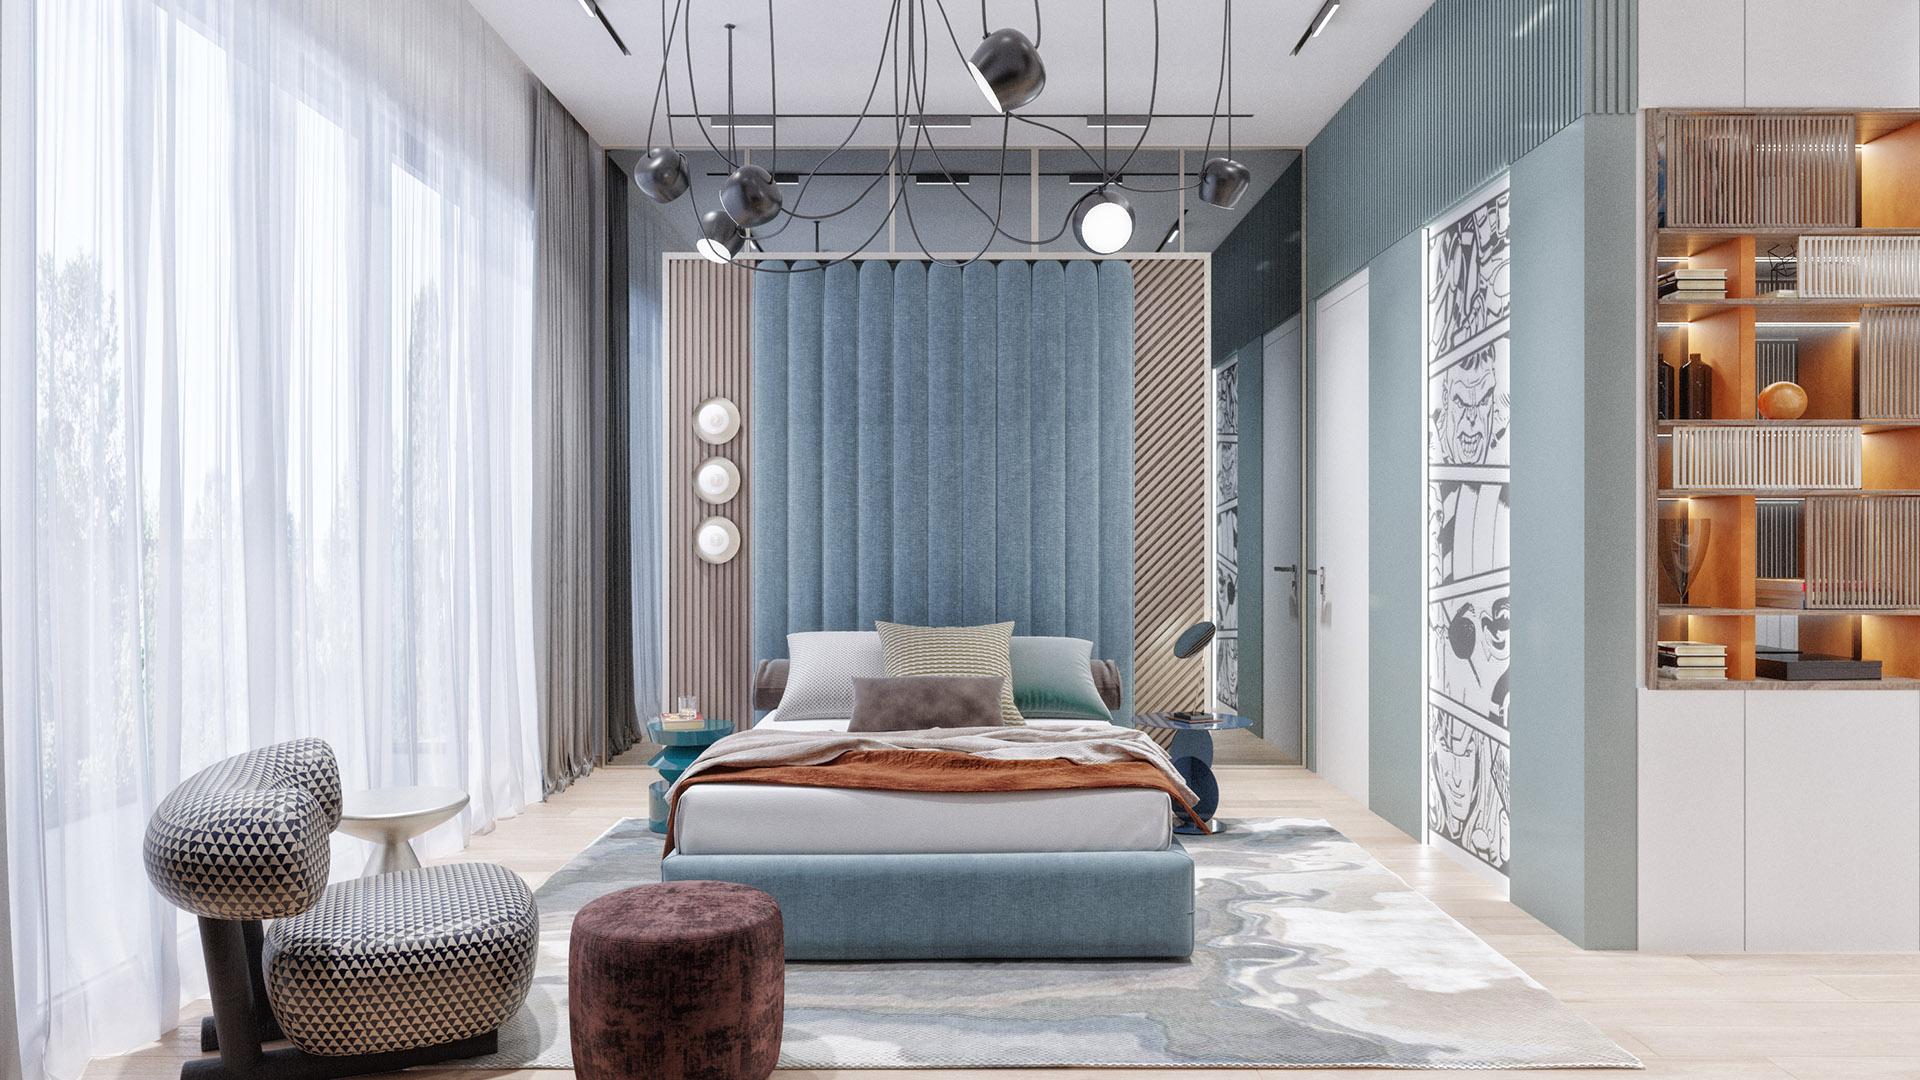 Prodaja stanova Green Hill Dedinje - dečija spavaća soba stana D41.